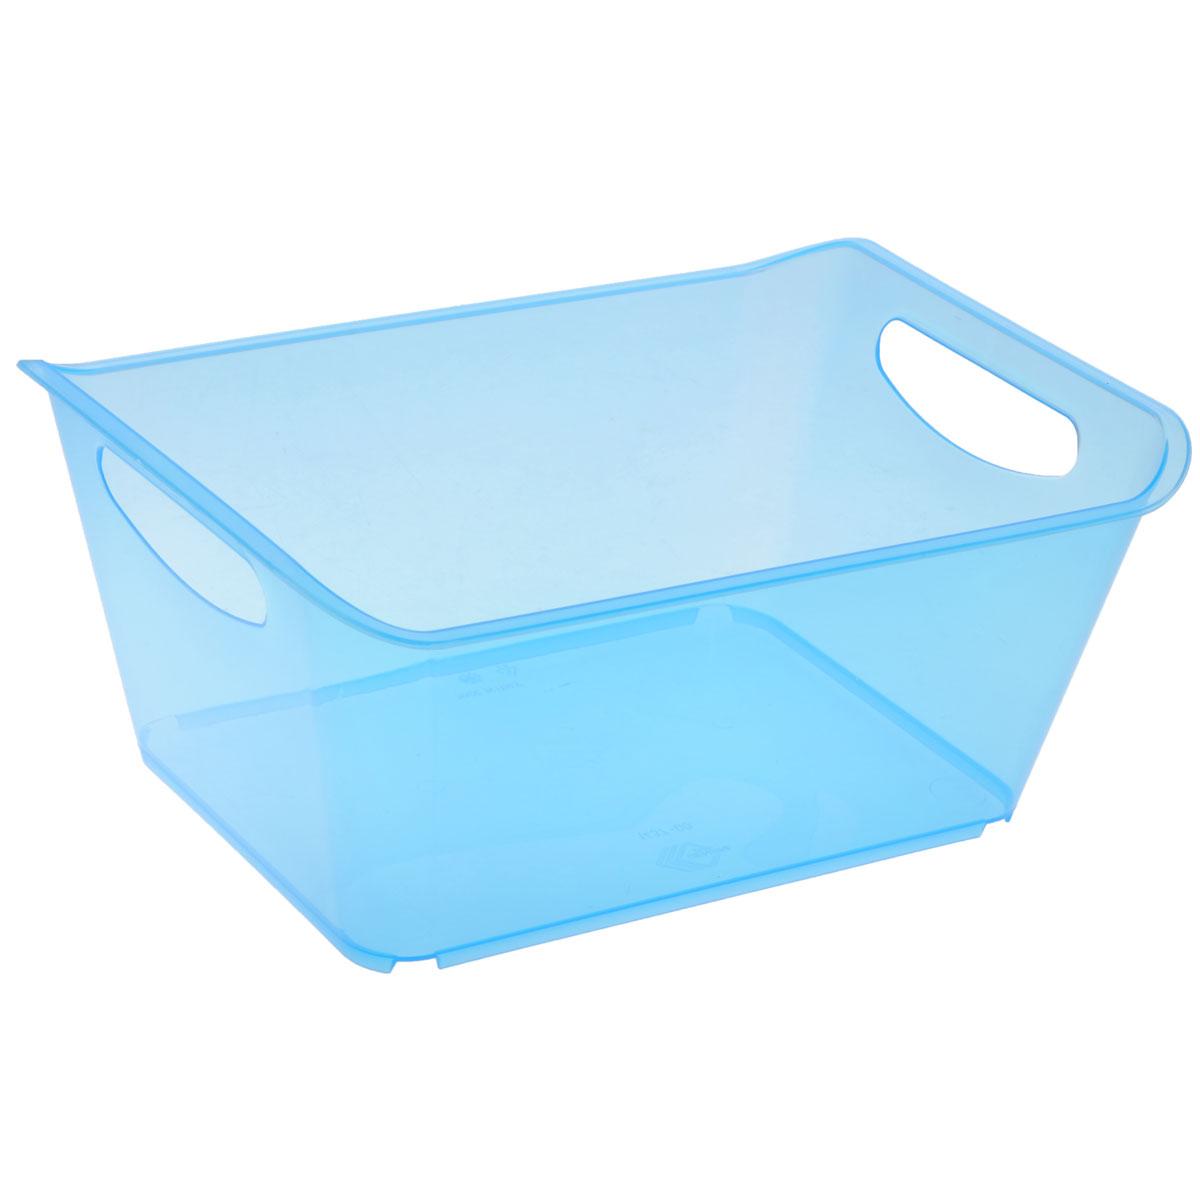 Контейнер Gensini, цвет: голубой, 5 л74-0120Контейнер Gensini выполнен из прочного пластика. Он предназначен для хранения различных мелких вещей в ванной, на кухне, даче или гараже, исключая возможность их потери. По бокам контейнера предусмотрены две удобные ручки для его переноски.Контейнер поможет хранить все в одном месте, а также защитить вещи от пыли, грязи и влаги. Объем: 5 л.